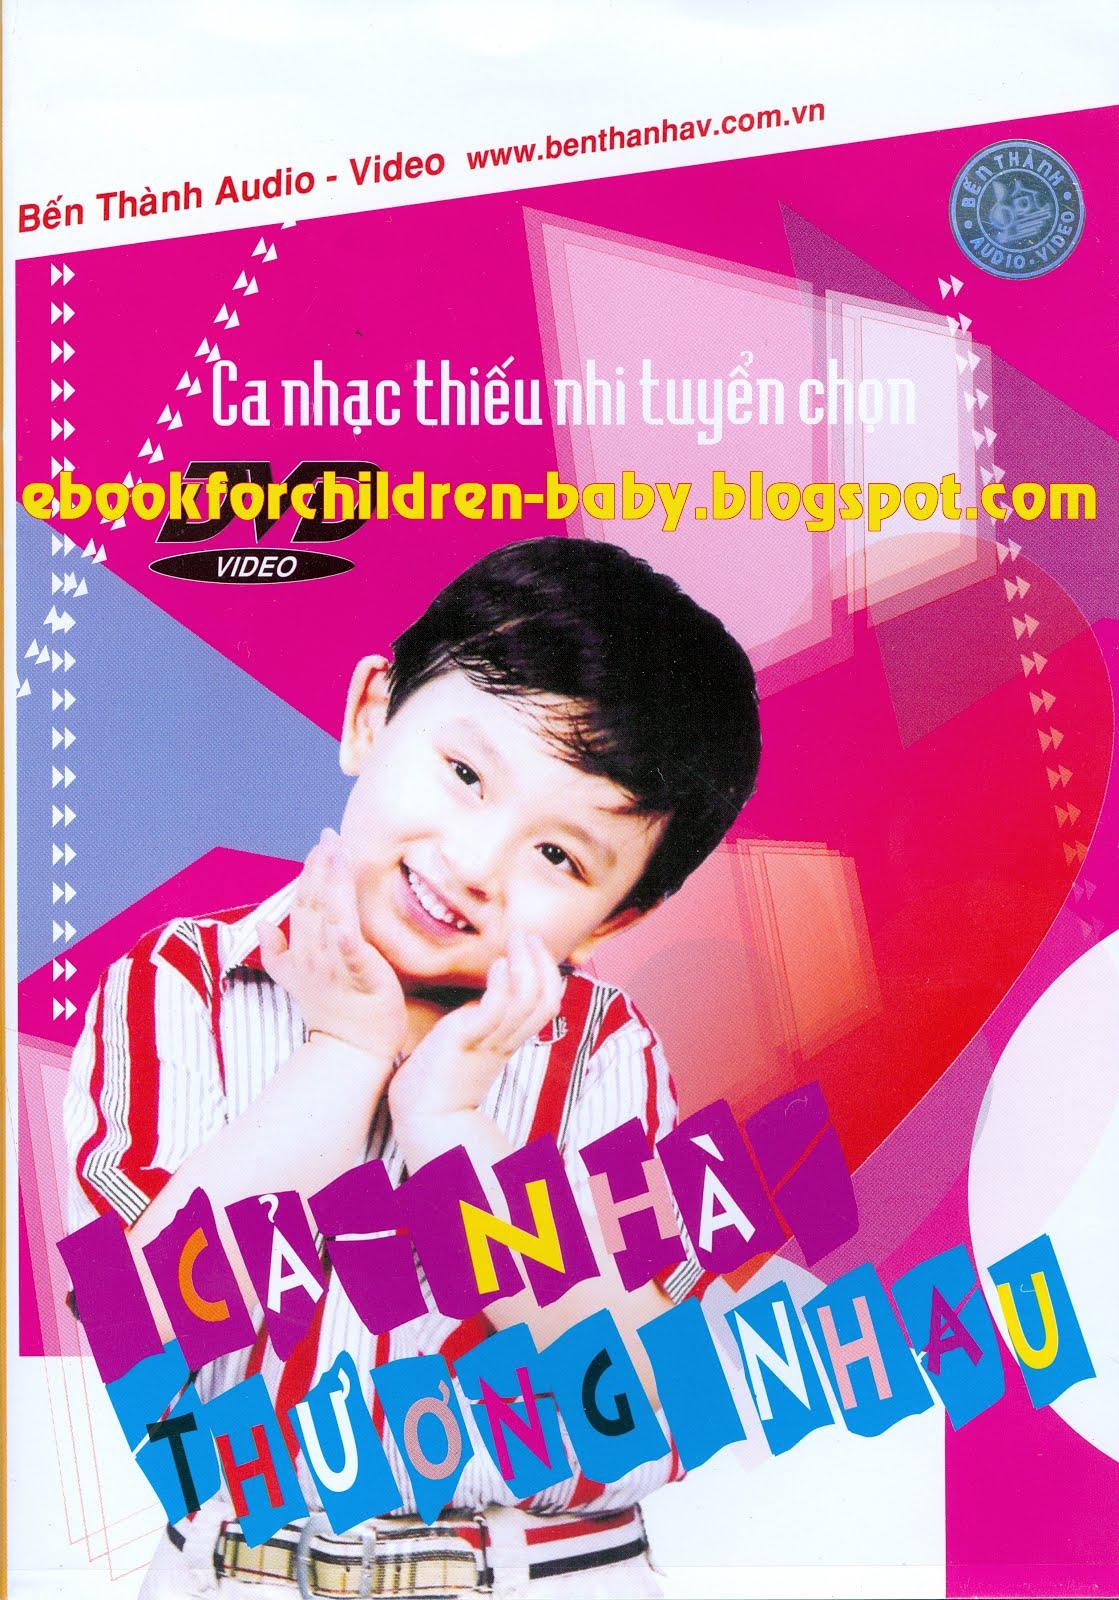 Ebook for children: [Fshare] Nhạc thiếu nhi - Cả nhà thương nhau [DVD 5]